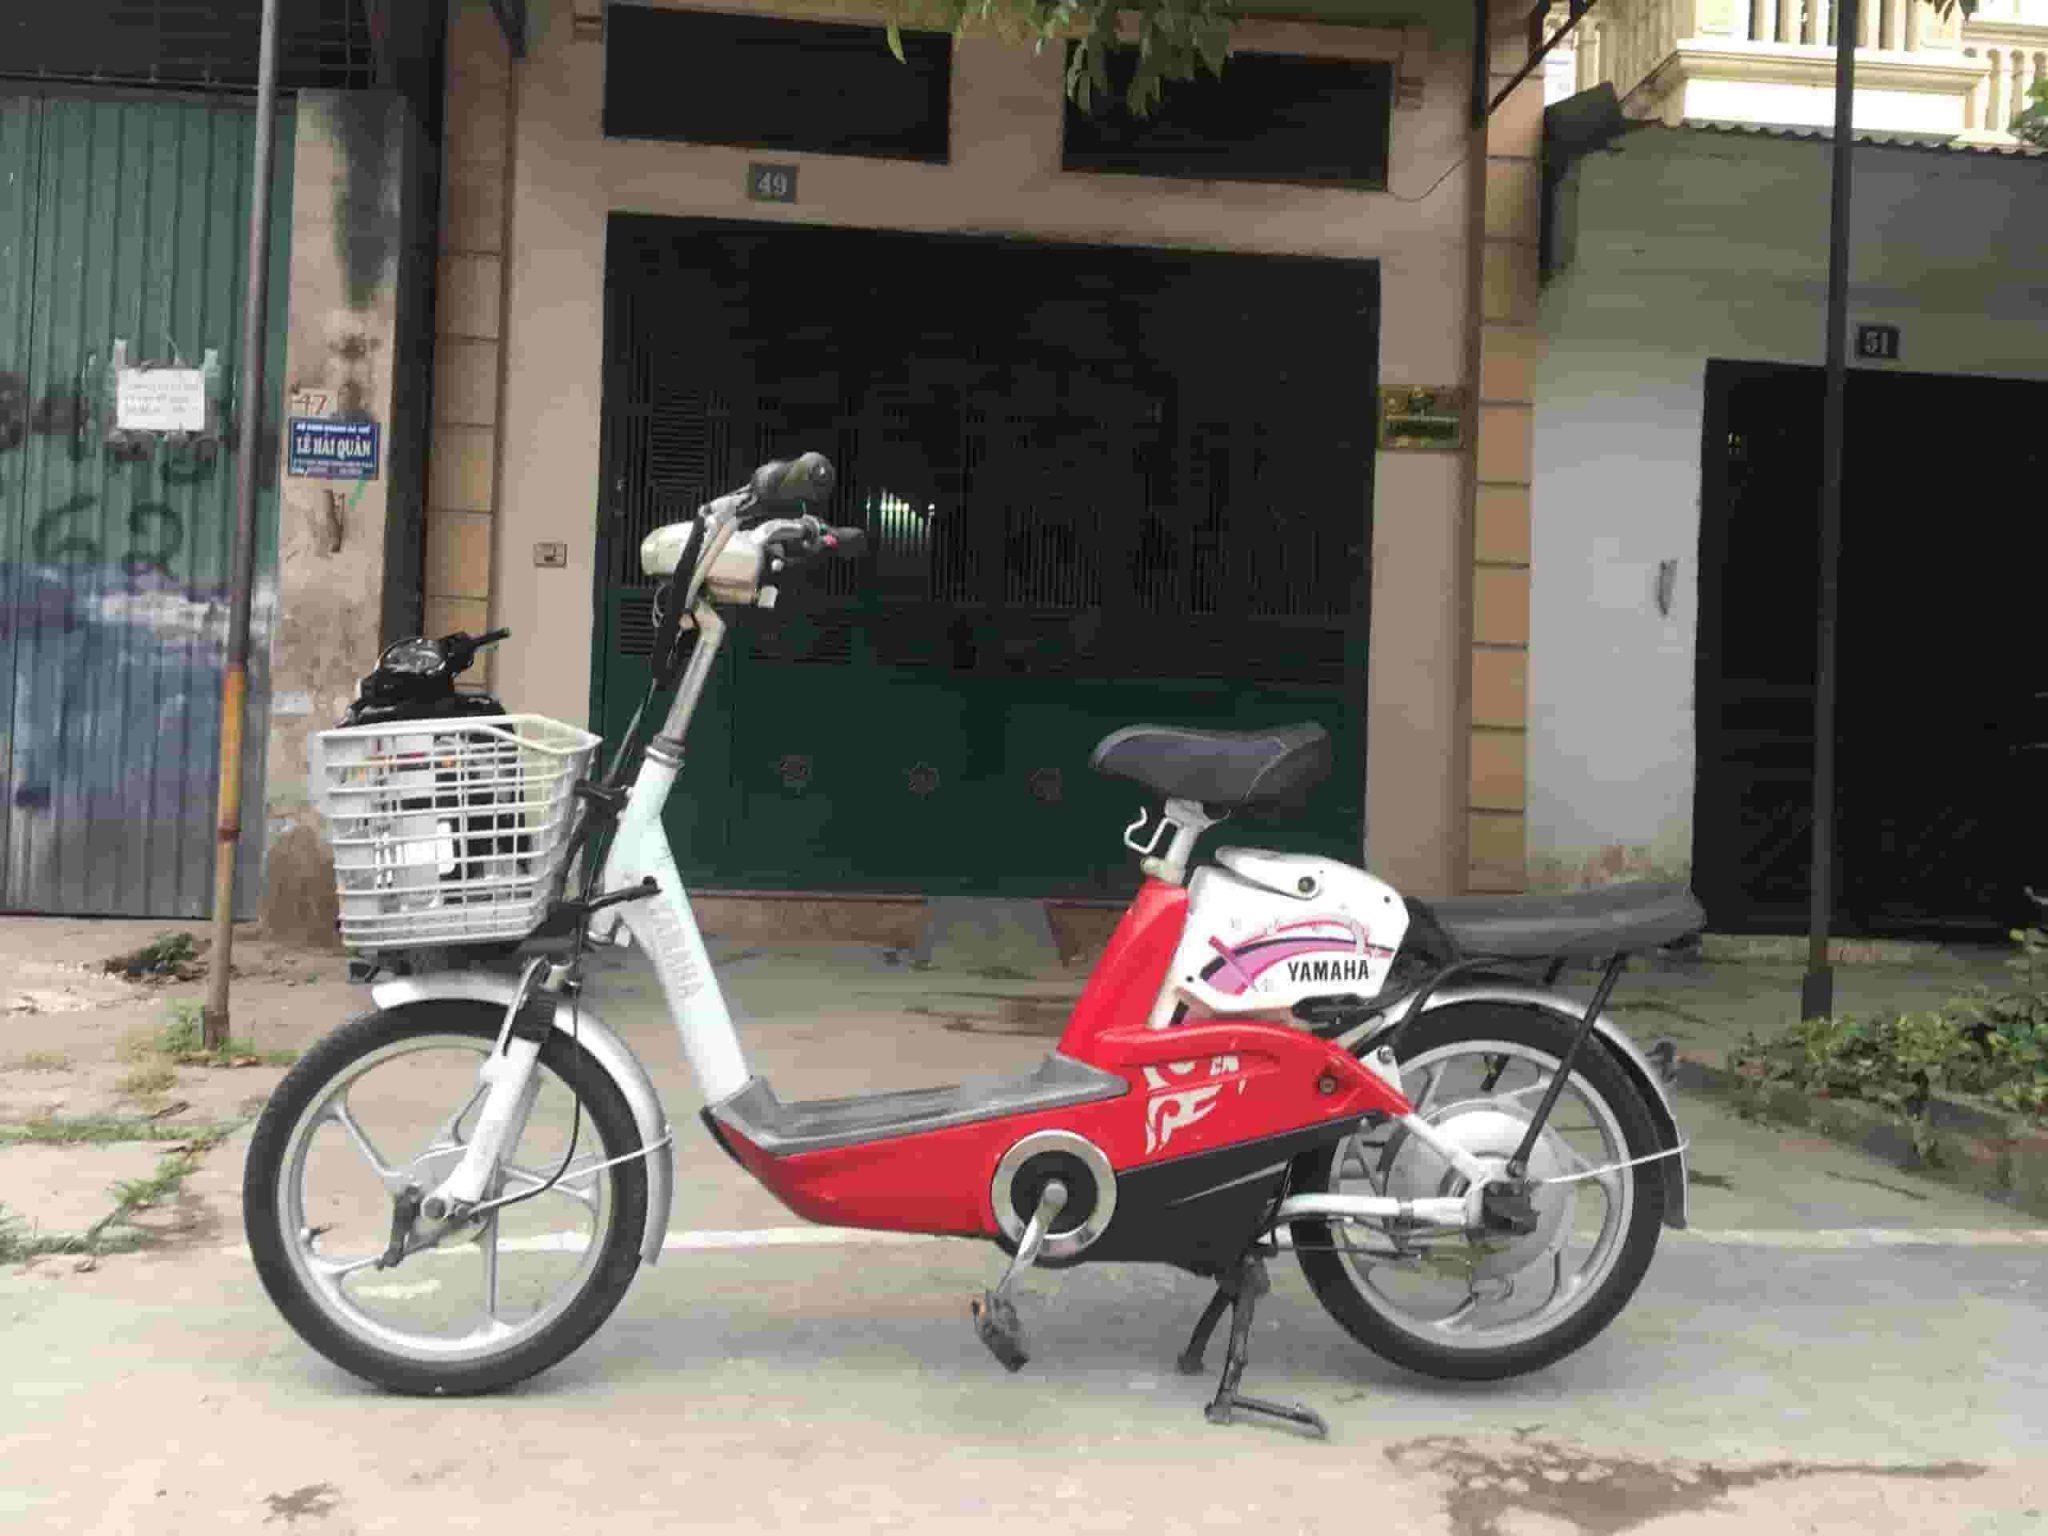 xe đạp điện cũ tại Huyện Tuy Phước - Bình Định